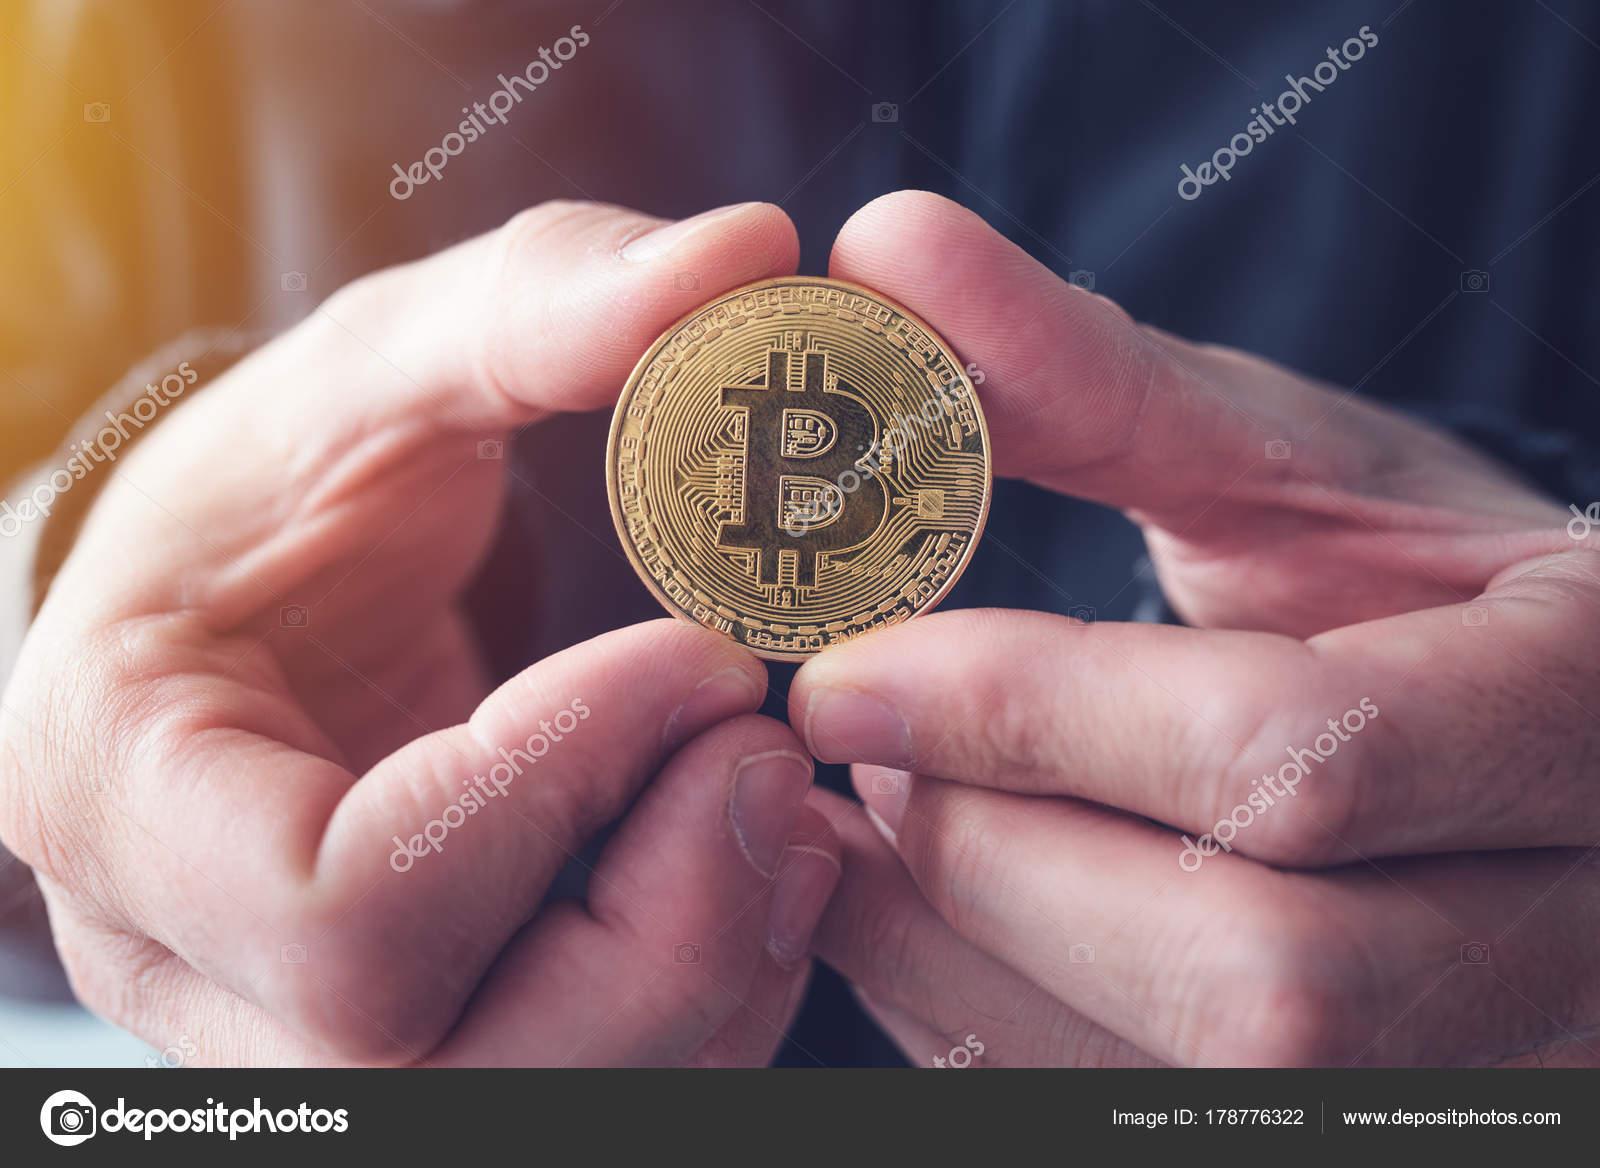 come il commercio in bitcoin in sud africa bitstamp prezzo bitcoin